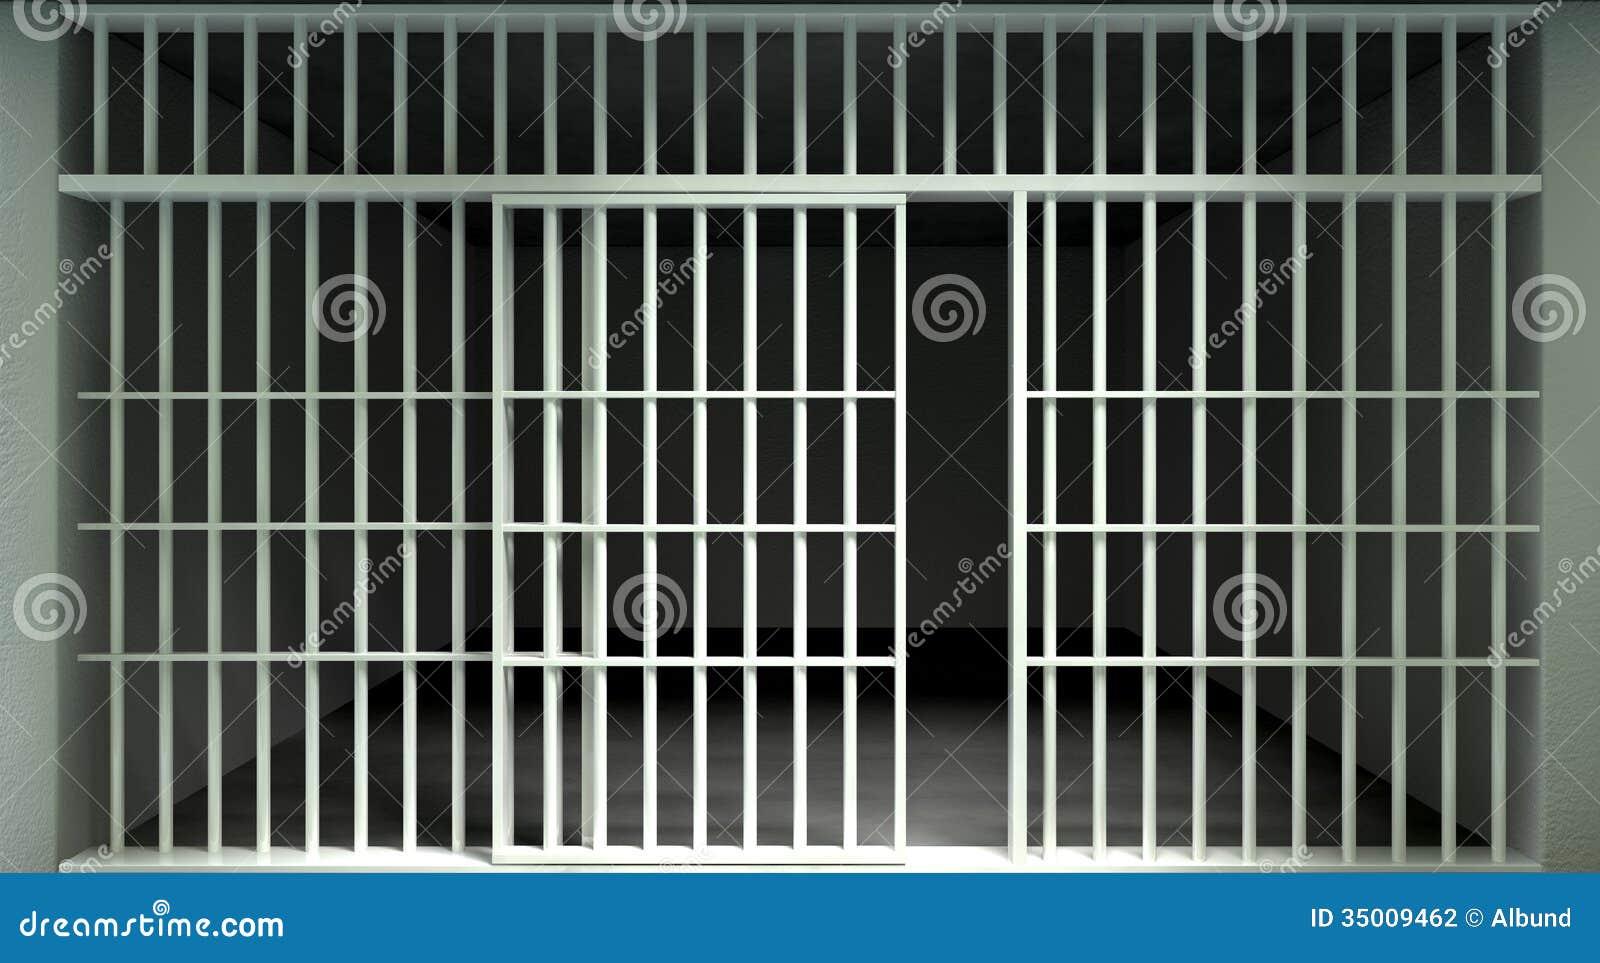 White Bar Jail Cell Front Locked Stock Illustration